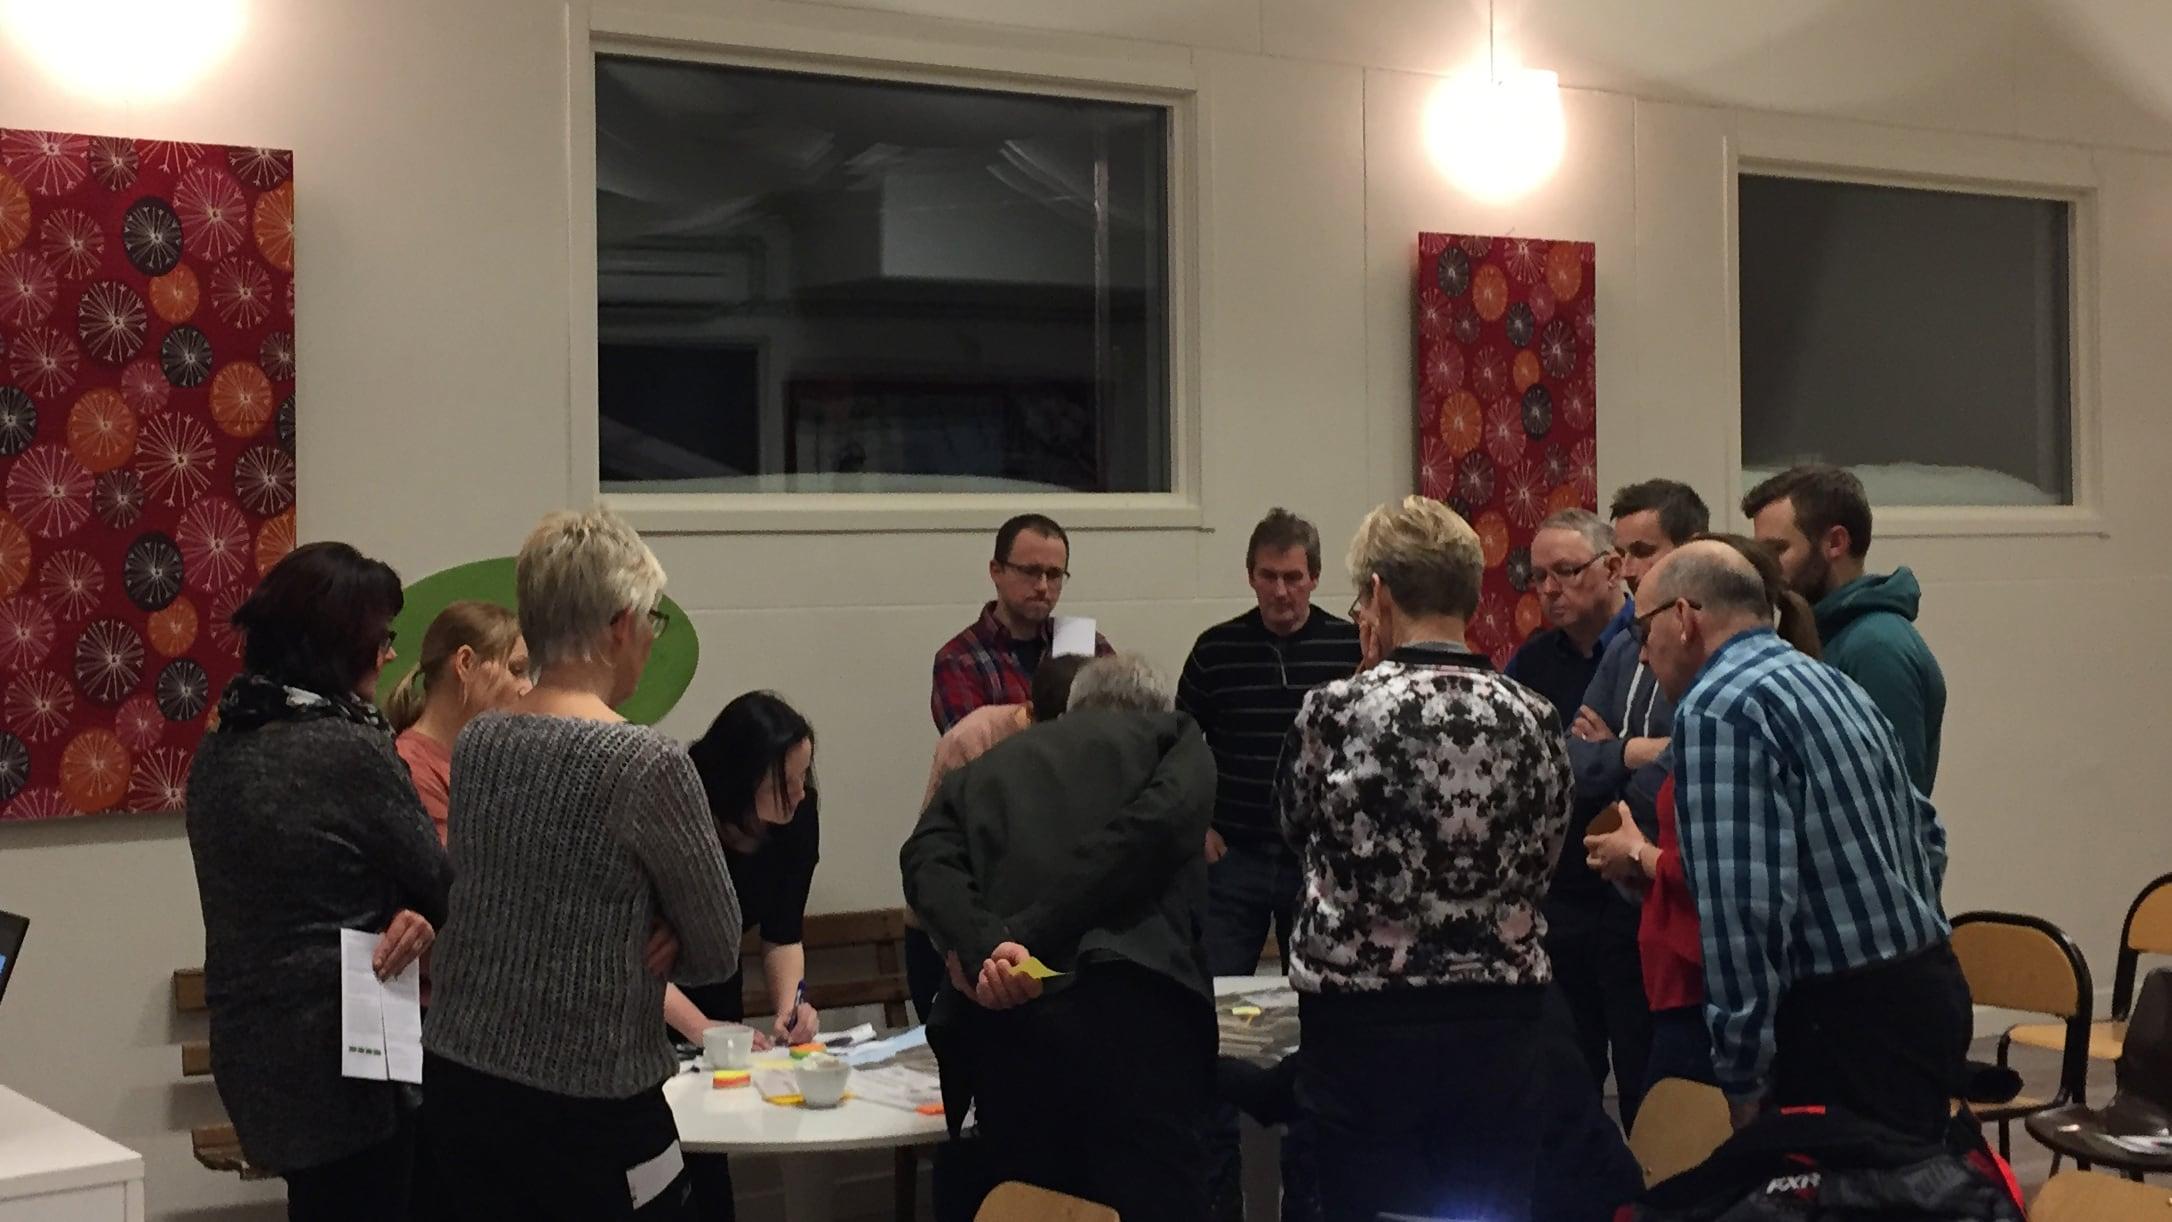 Krönika om samråd - Krönika från Bodens kommun i Gratistidningen, vecka 12 2019.